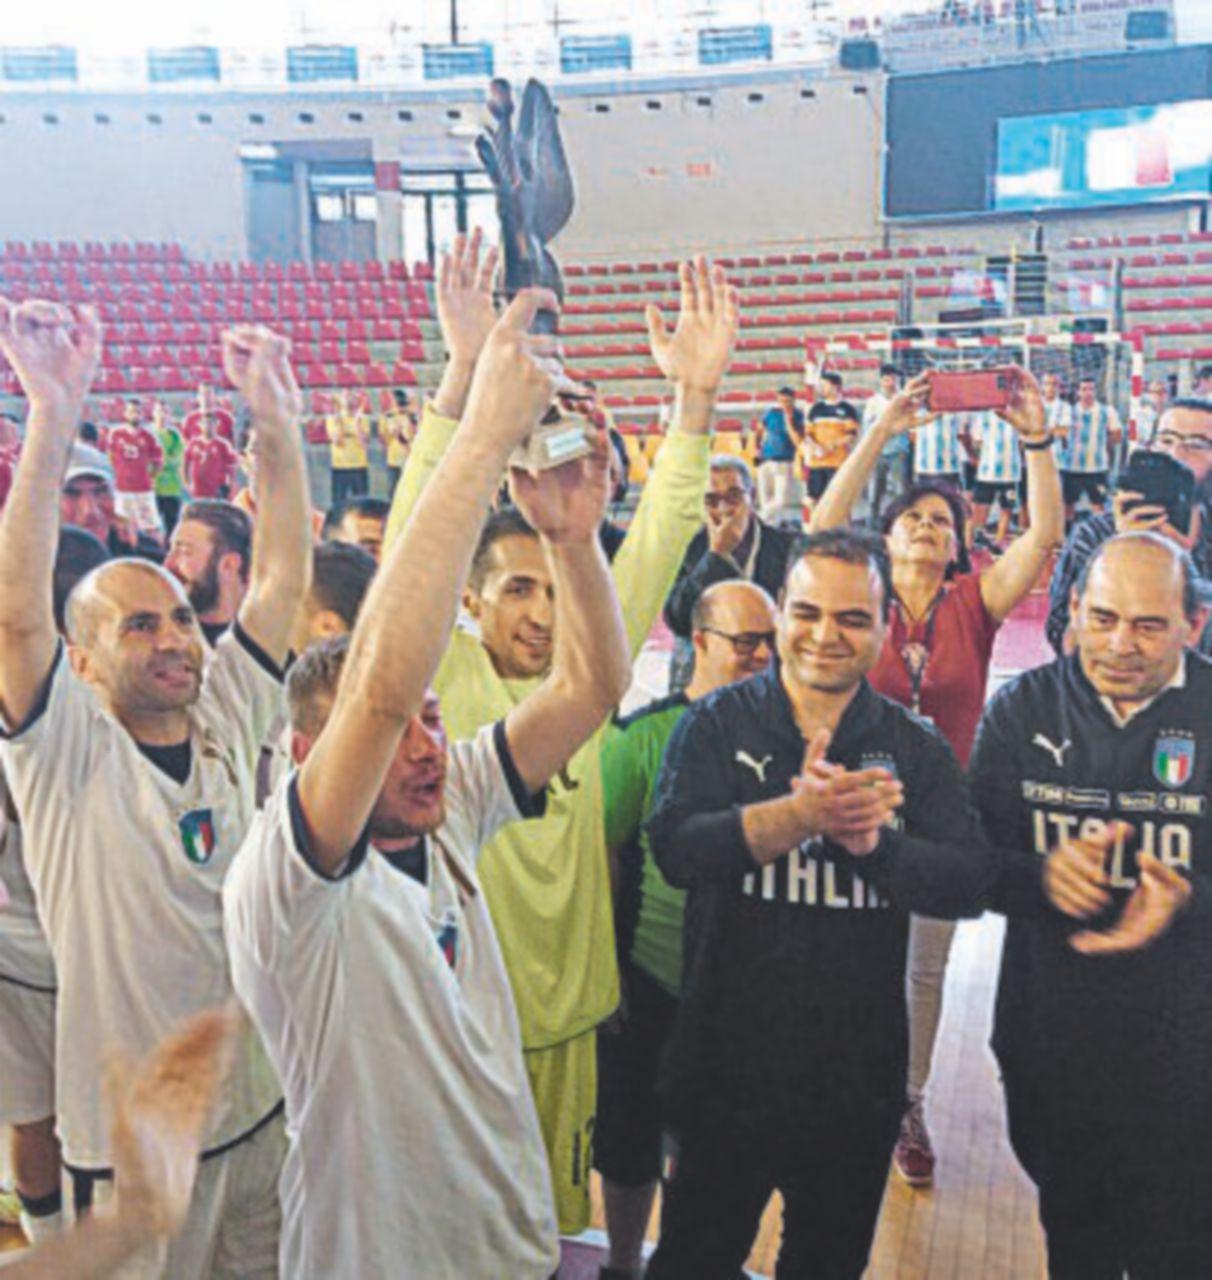 Appena fuori dal calcio schizofrenico l'Italia è Campione del mondo 2018